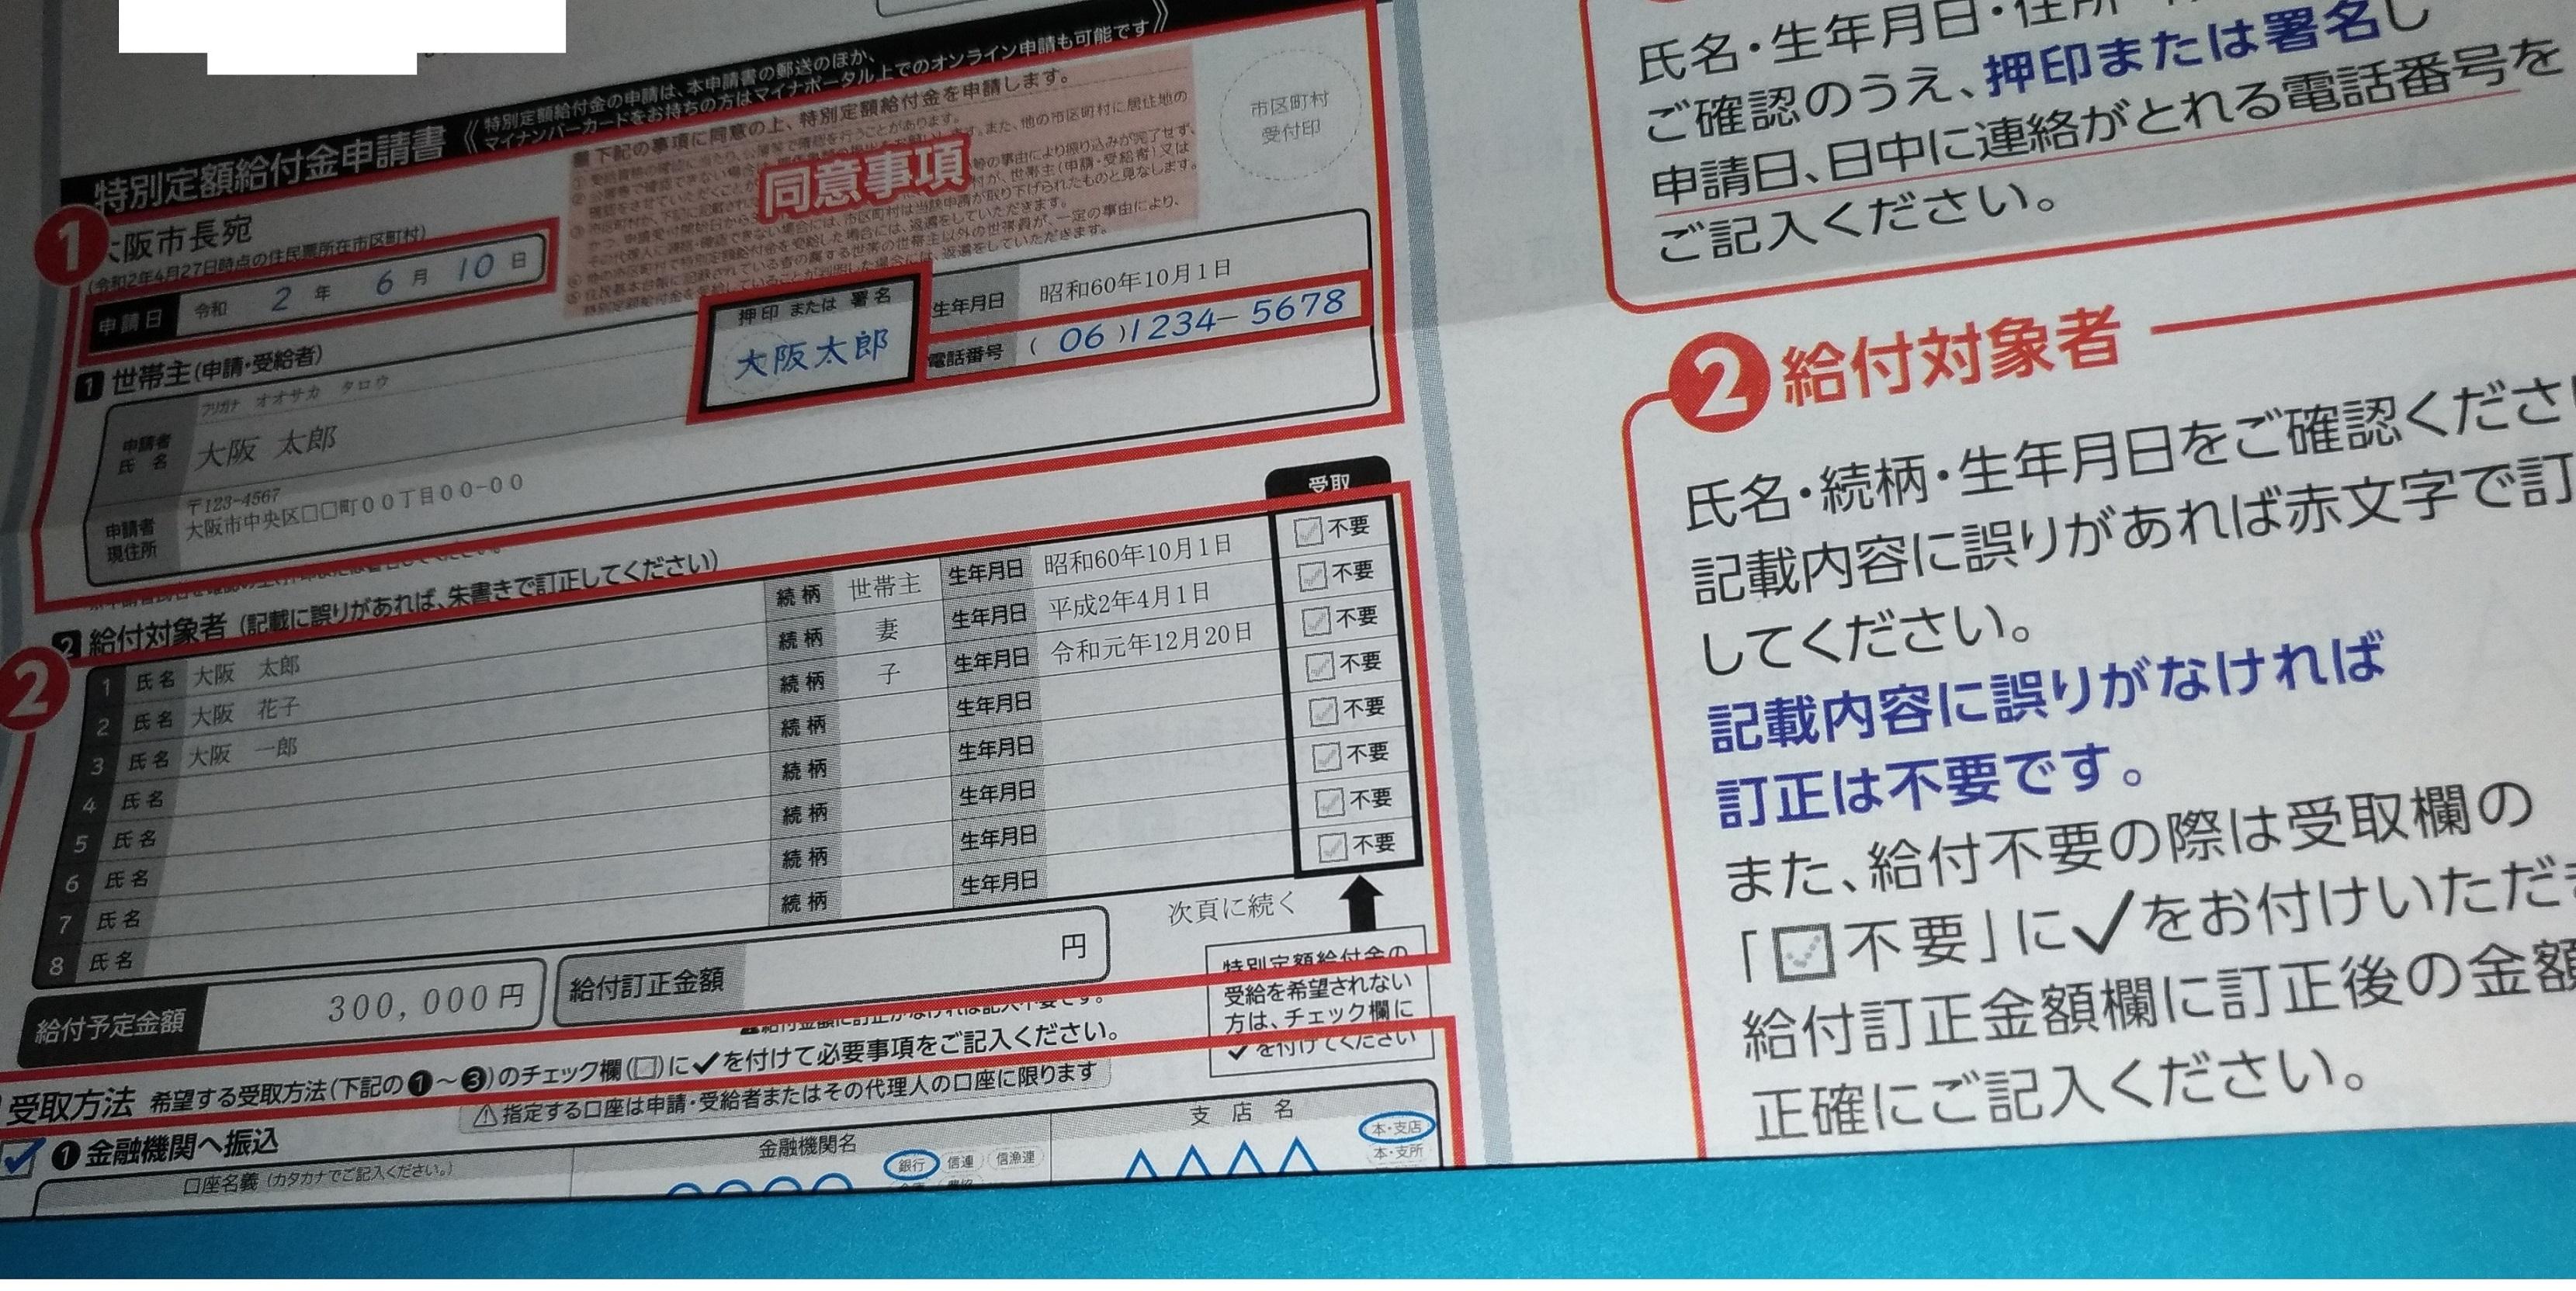 万 給付 いつから 10 市 大阪 円